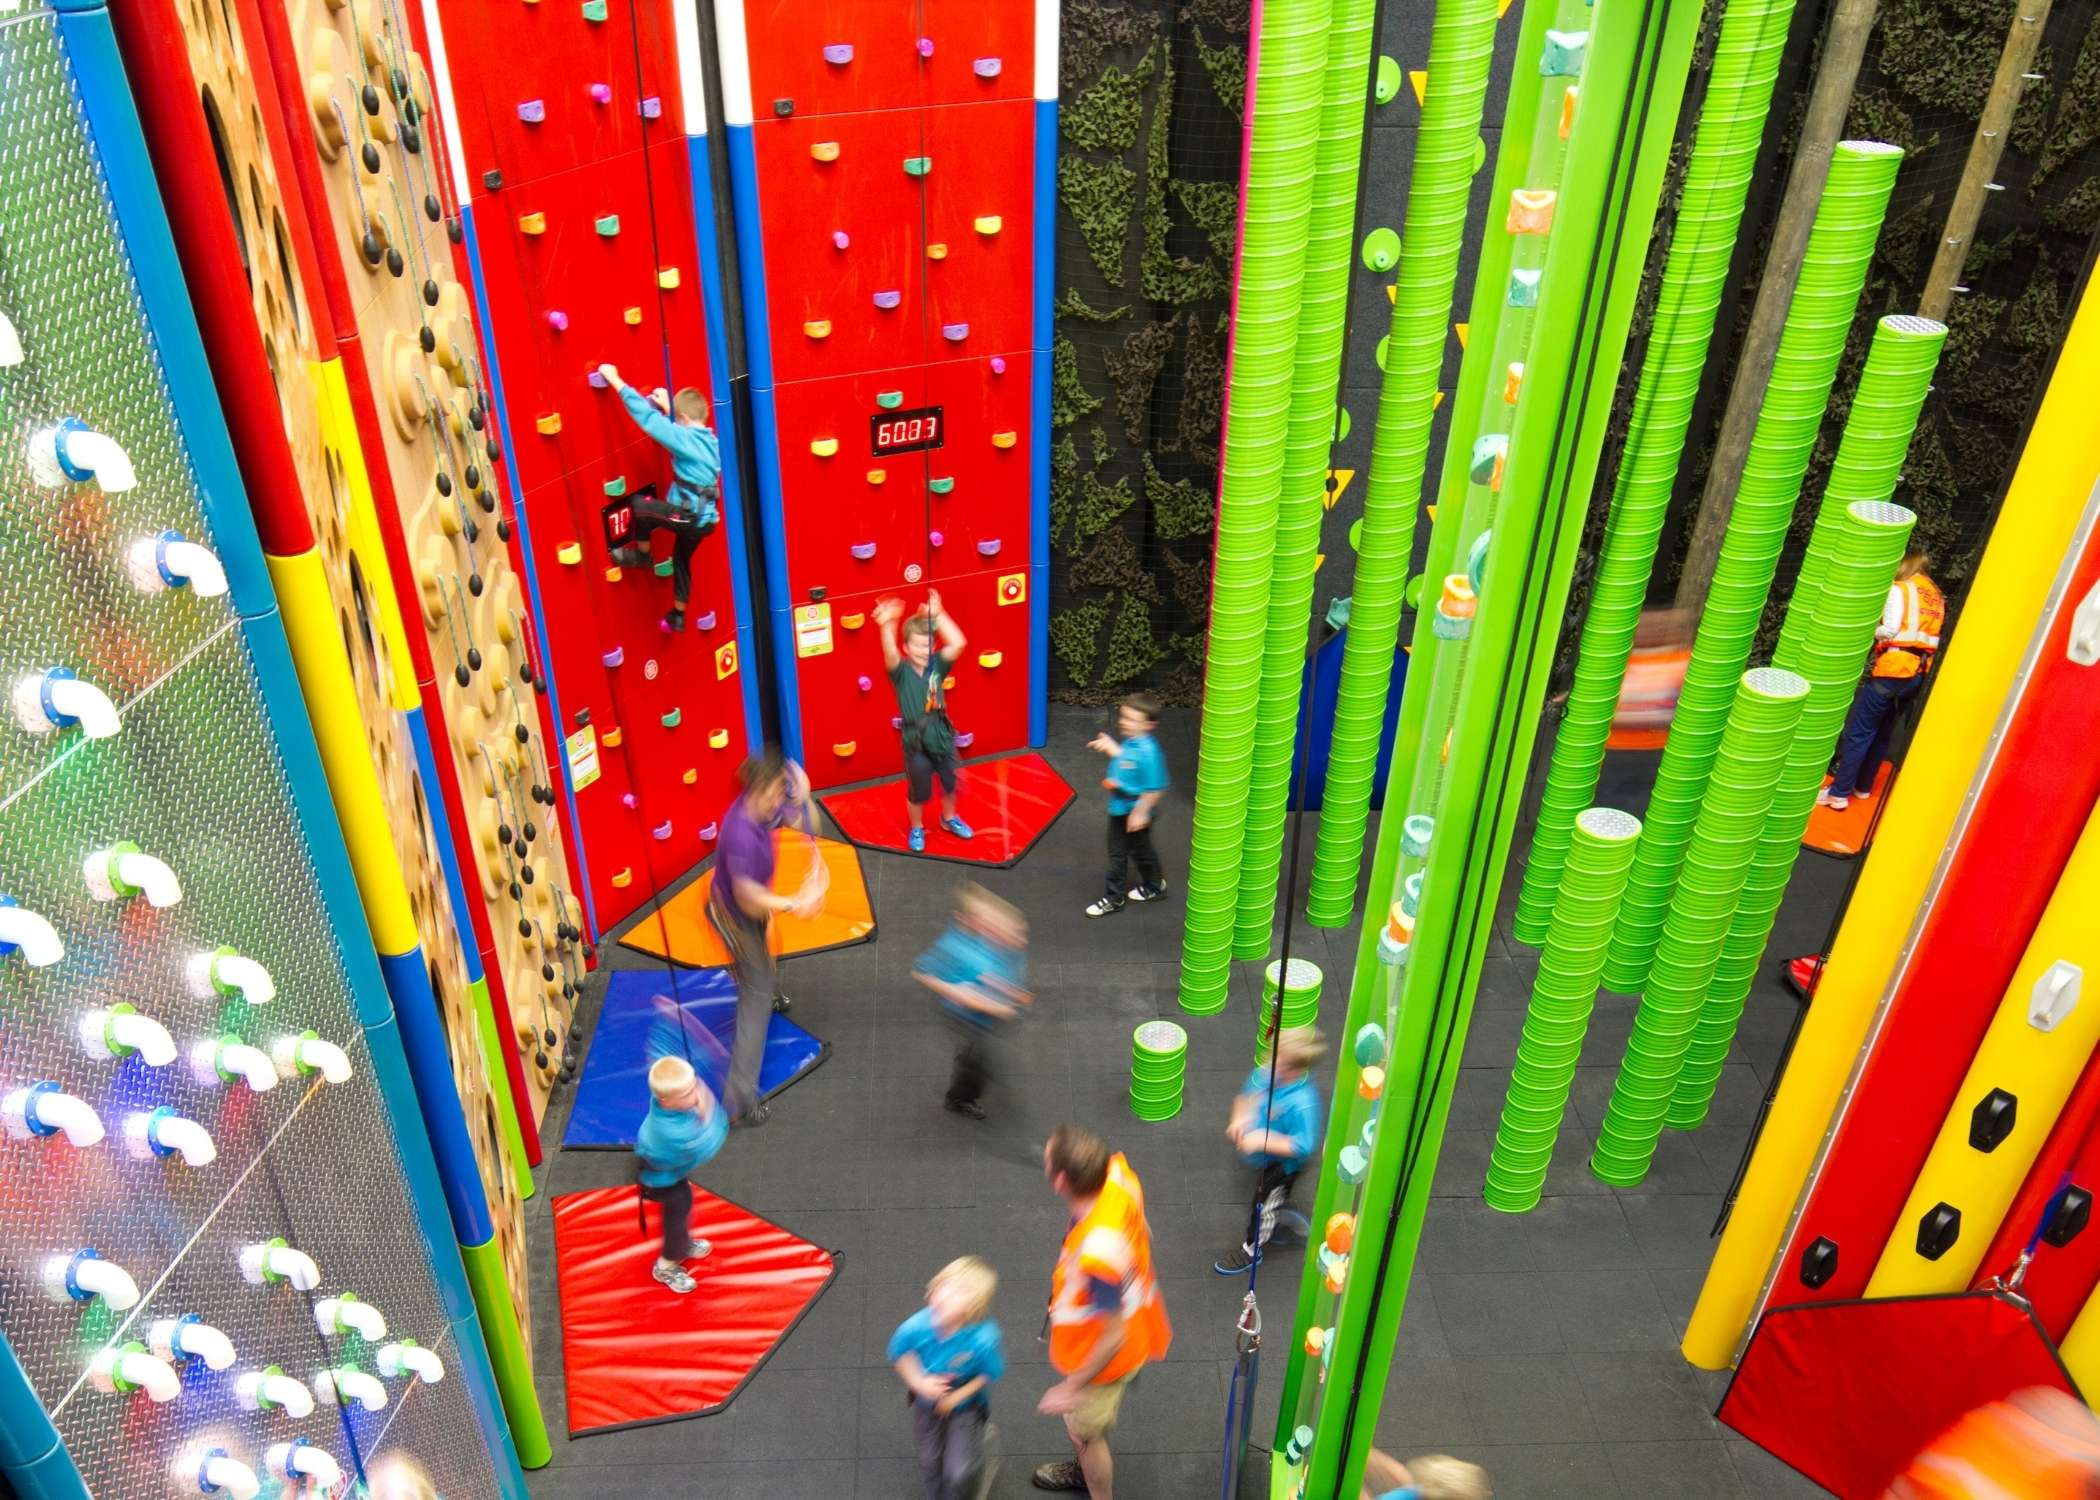 clip and climb australia, climbing walls